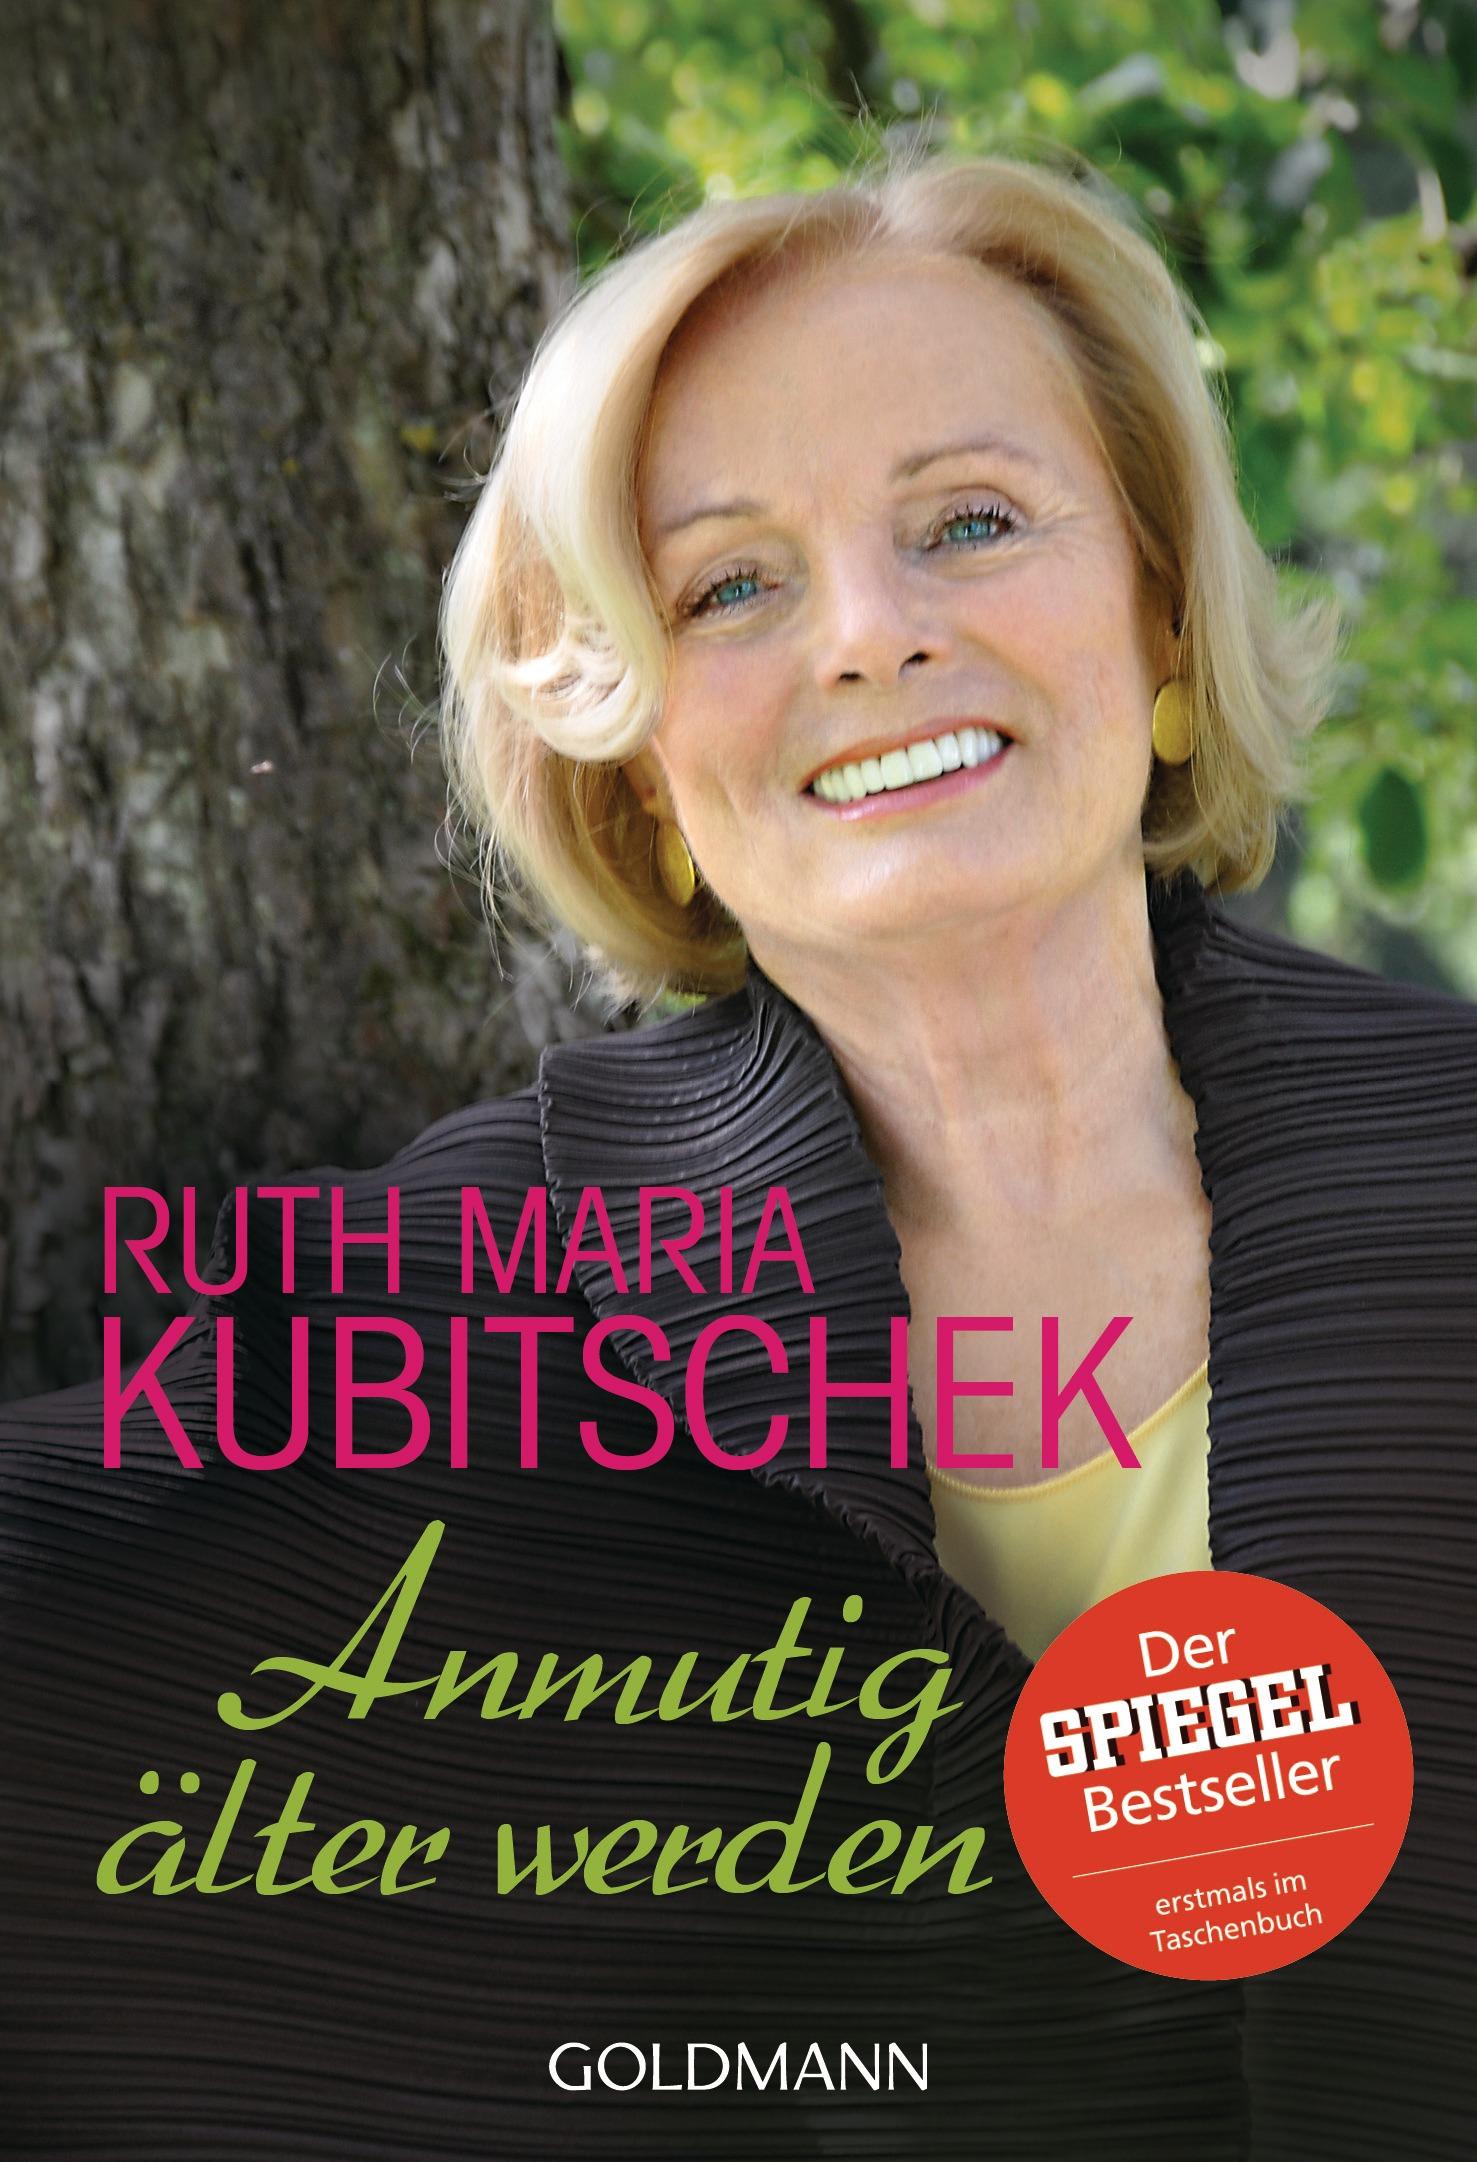 Anmutig älter werden - Kubitschek, Ruth Maria